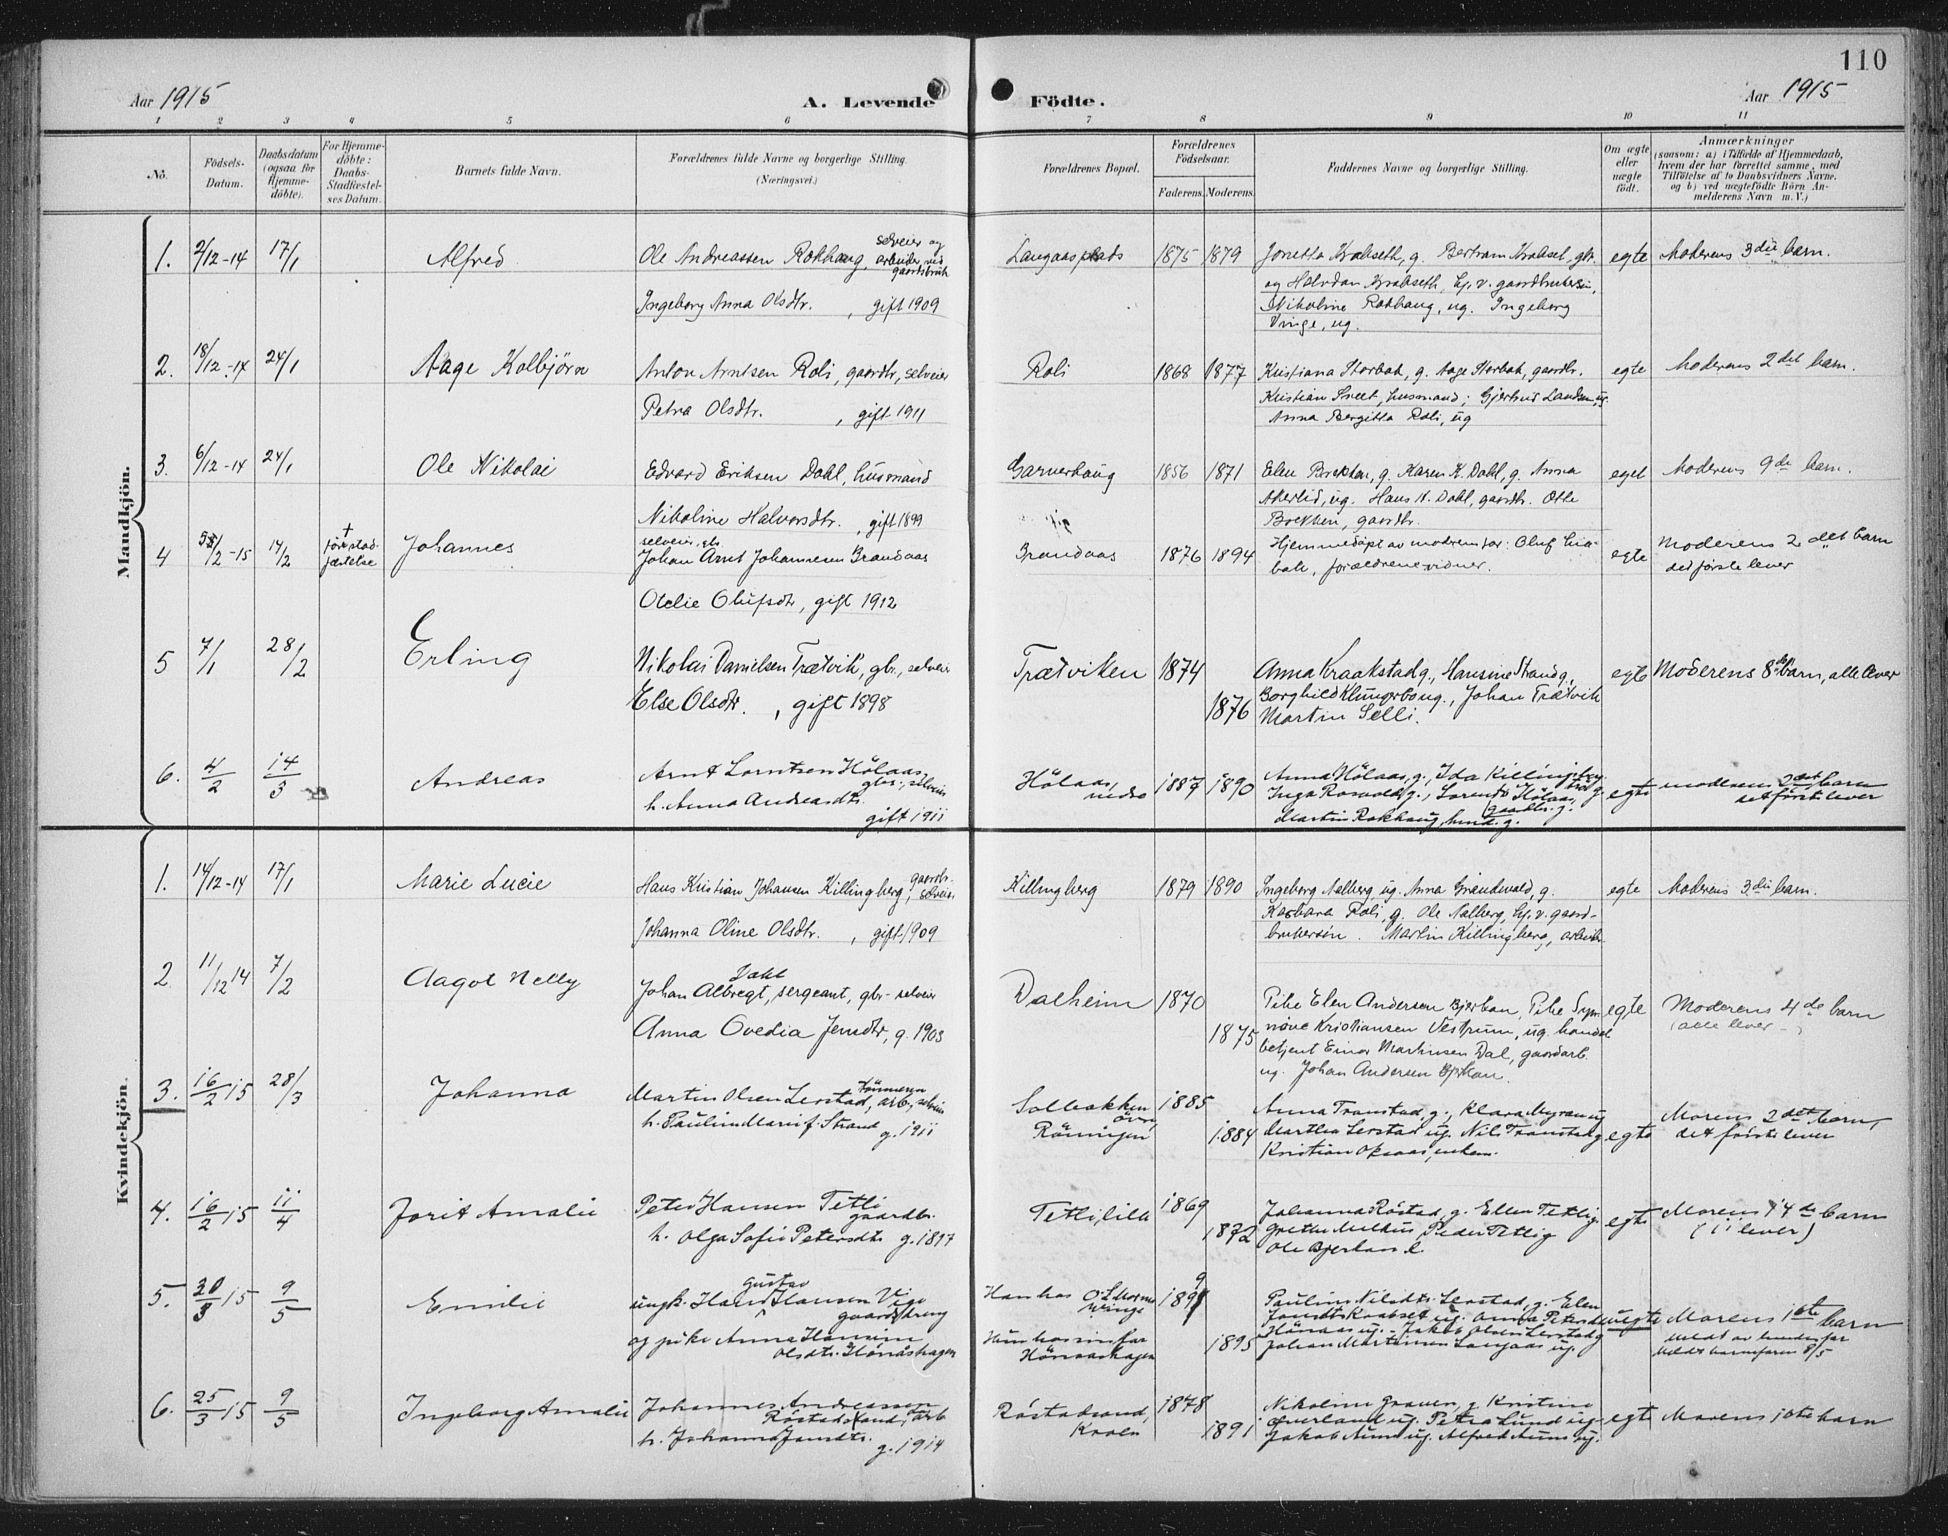 SAT, Ministerialprotokoller, klokkerbøker og fødselsregistre - Nord-Trøndelag, 701/L0011: Ministerialbok nr. 701A11, 1899-1915, s. 110